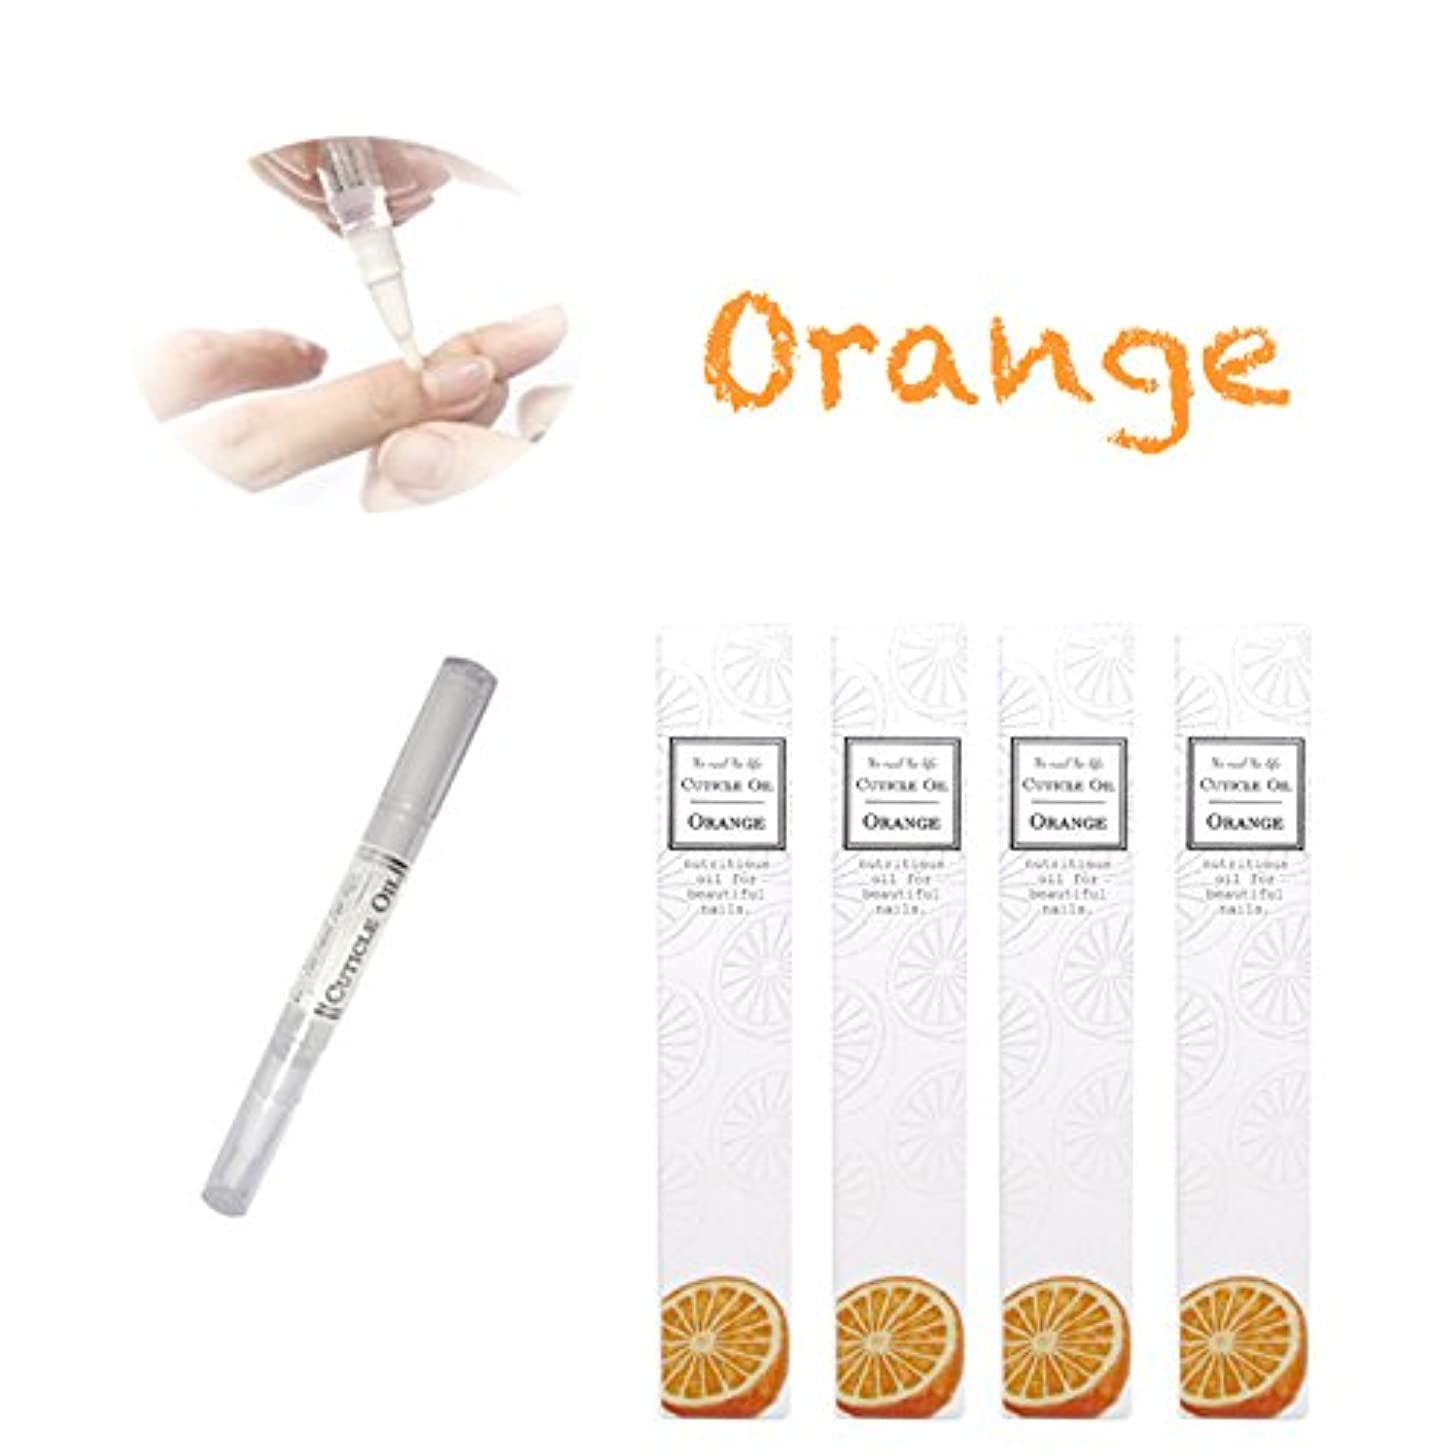 正確な任意エピソードネイルオイル ペンタイプ 改良型 オレンジ の香り お得な4本セット 追跡番号付き